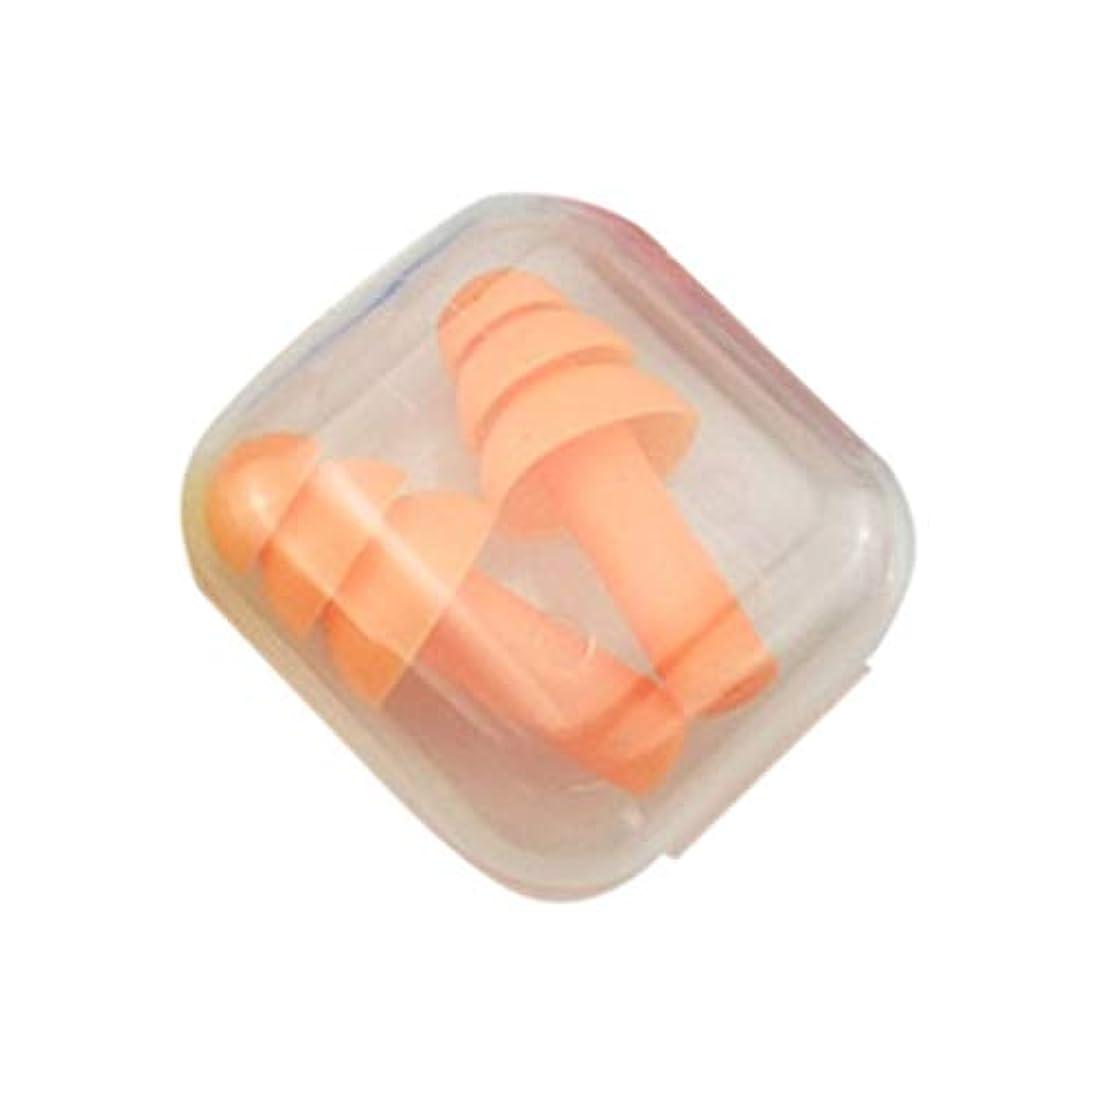 苛性ガロン針柔らかいシリコーンの耳栓遮音用耳の保護用の耳栓防音睡眠ボックス付き収納ボックス - オレンジ